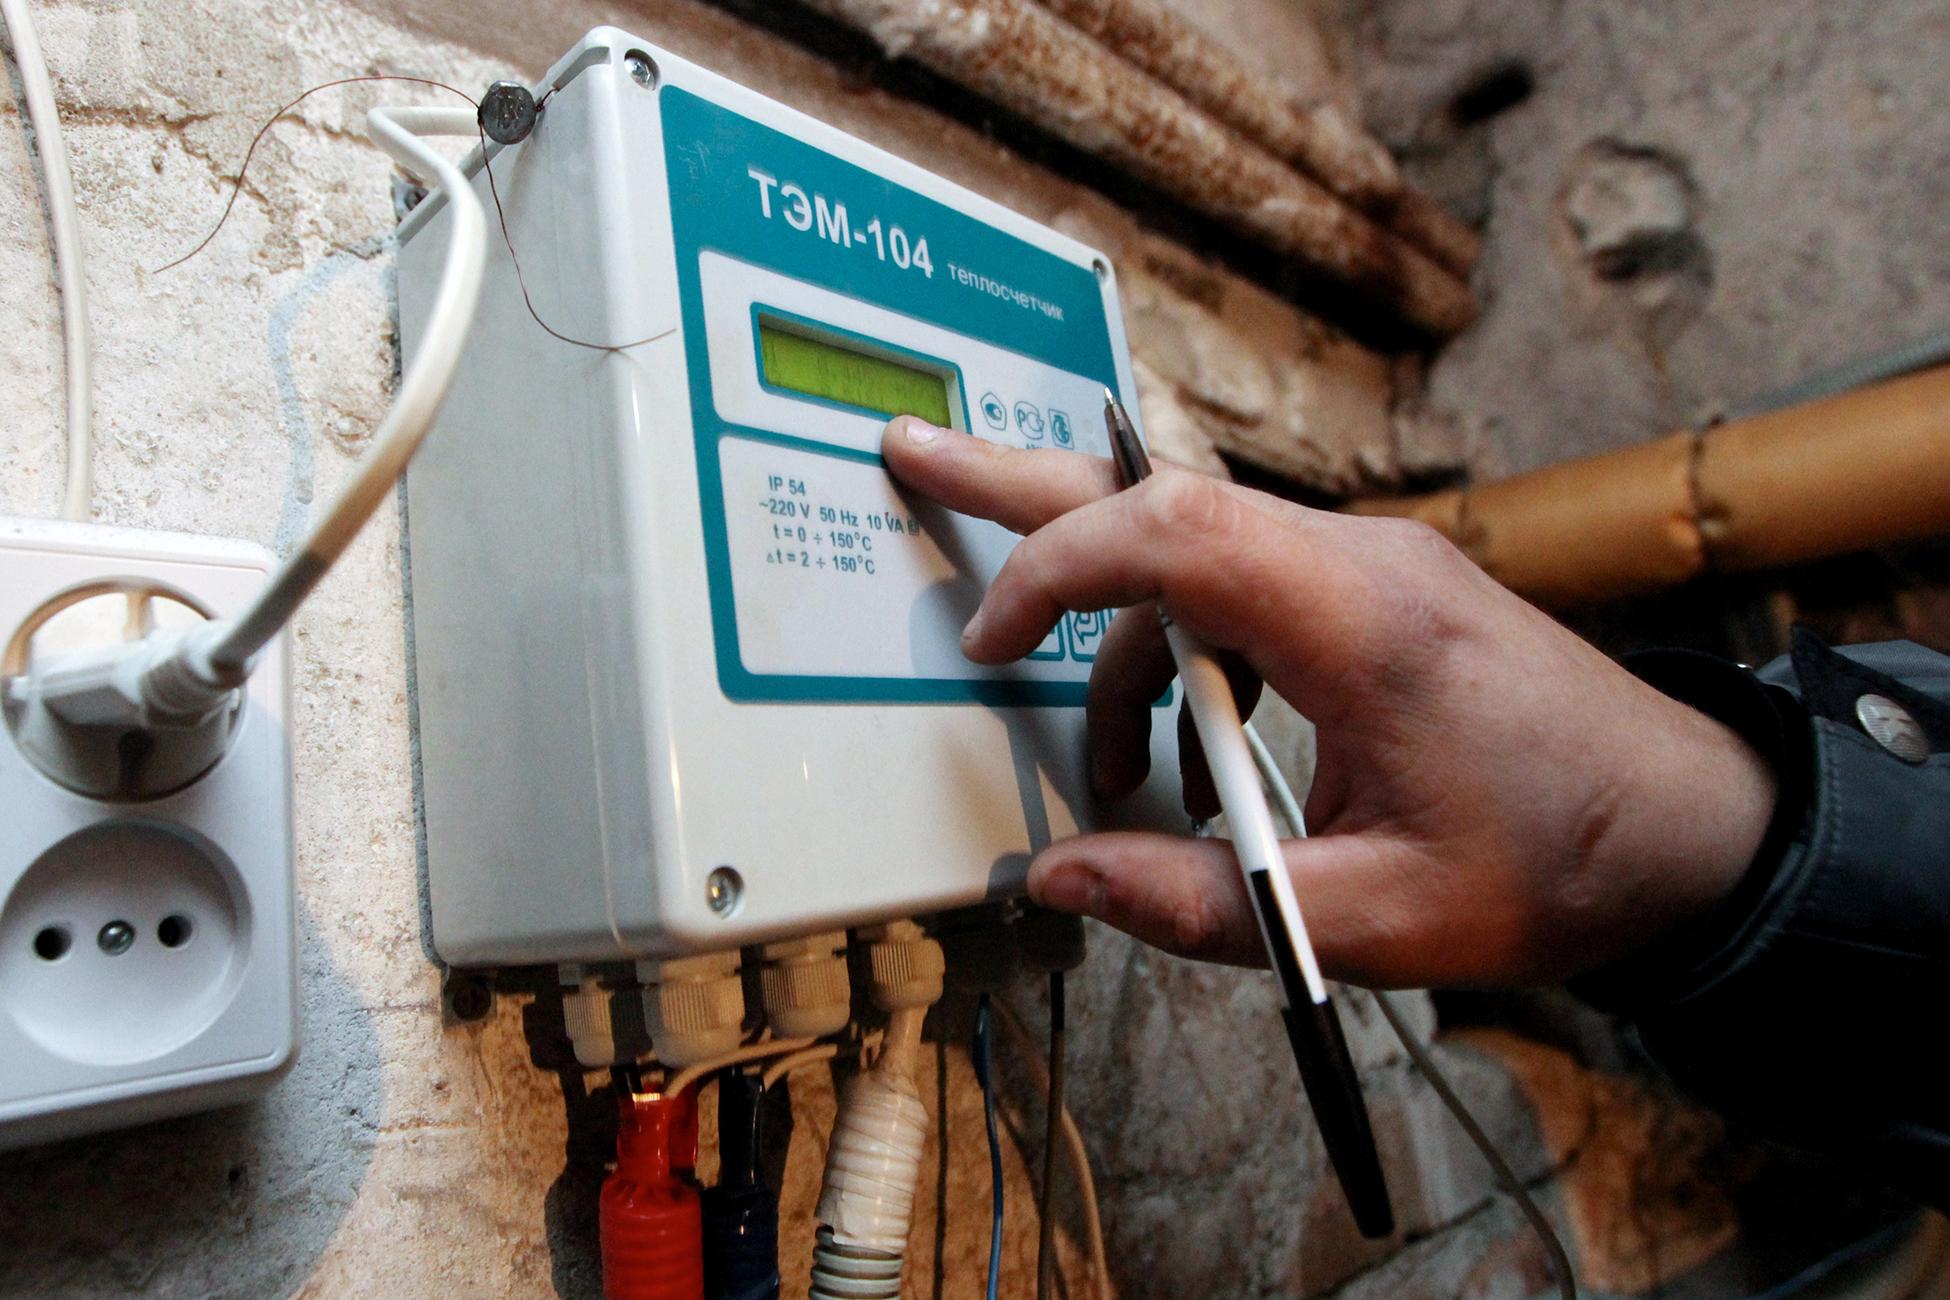 Как выполняется замена газового счетчика